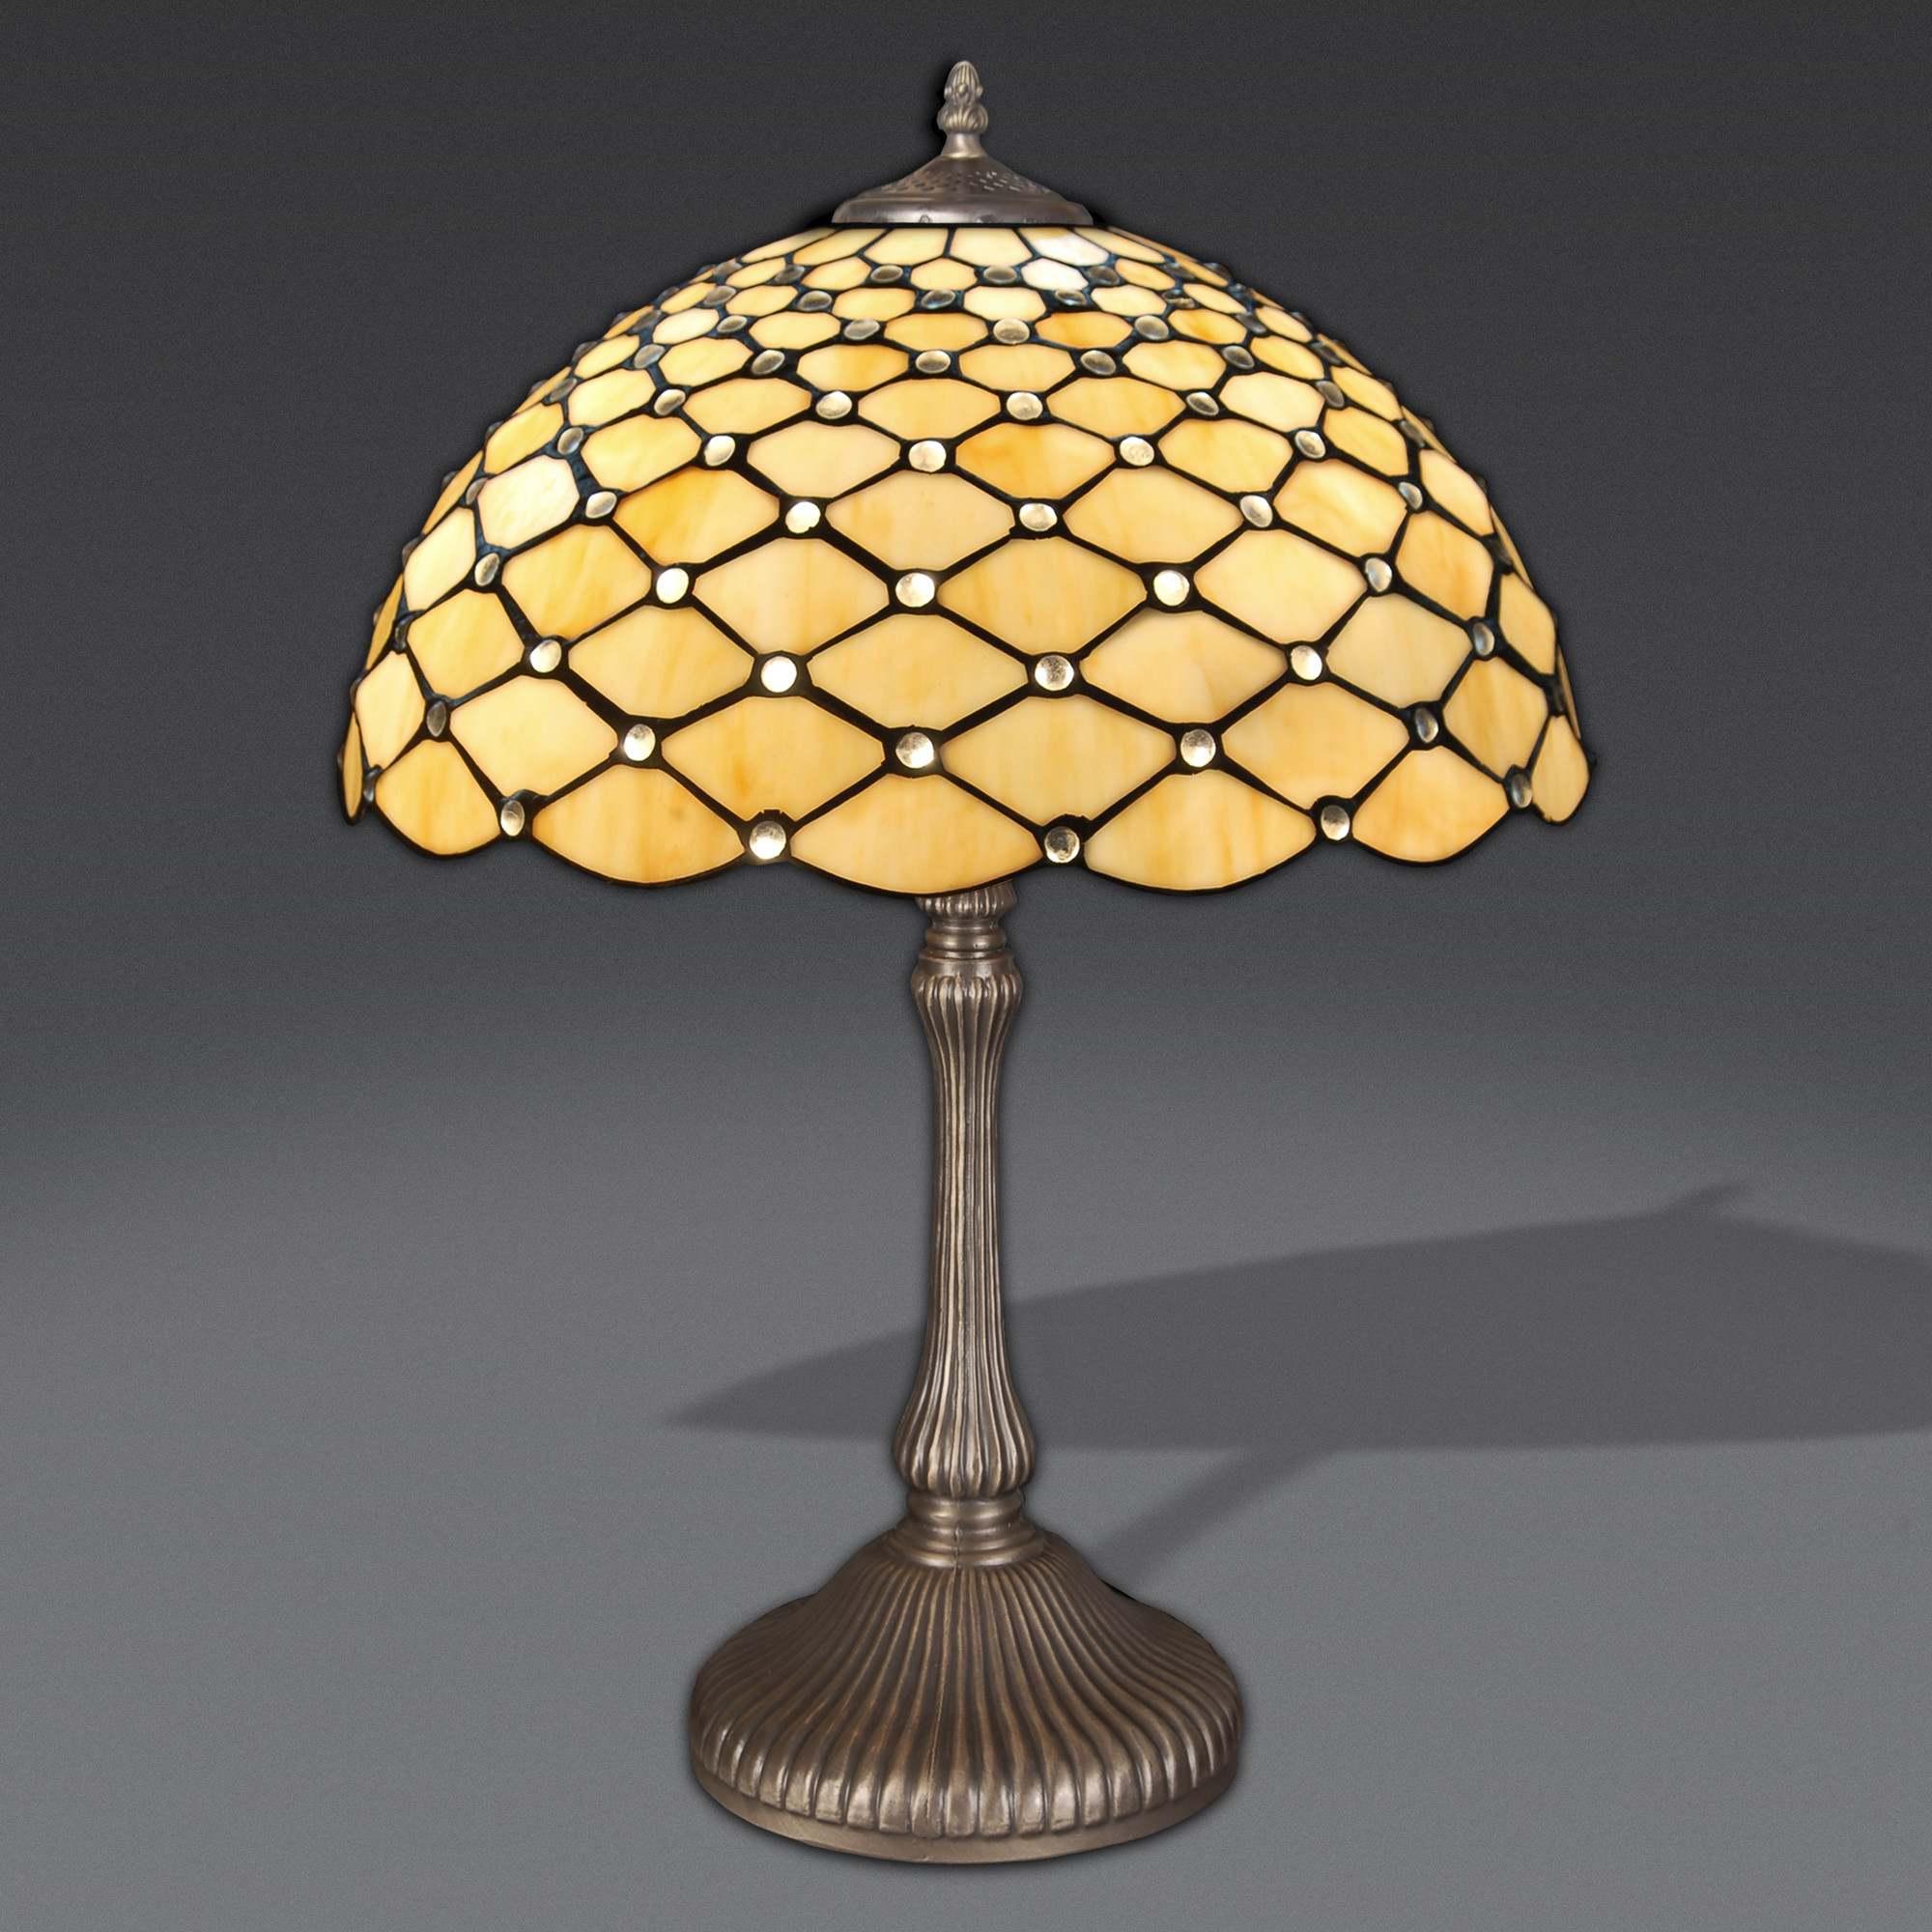 Lampada stile tiffany lampada da tavolo con gemme lampada - Lampade tiffany da tavolo ...